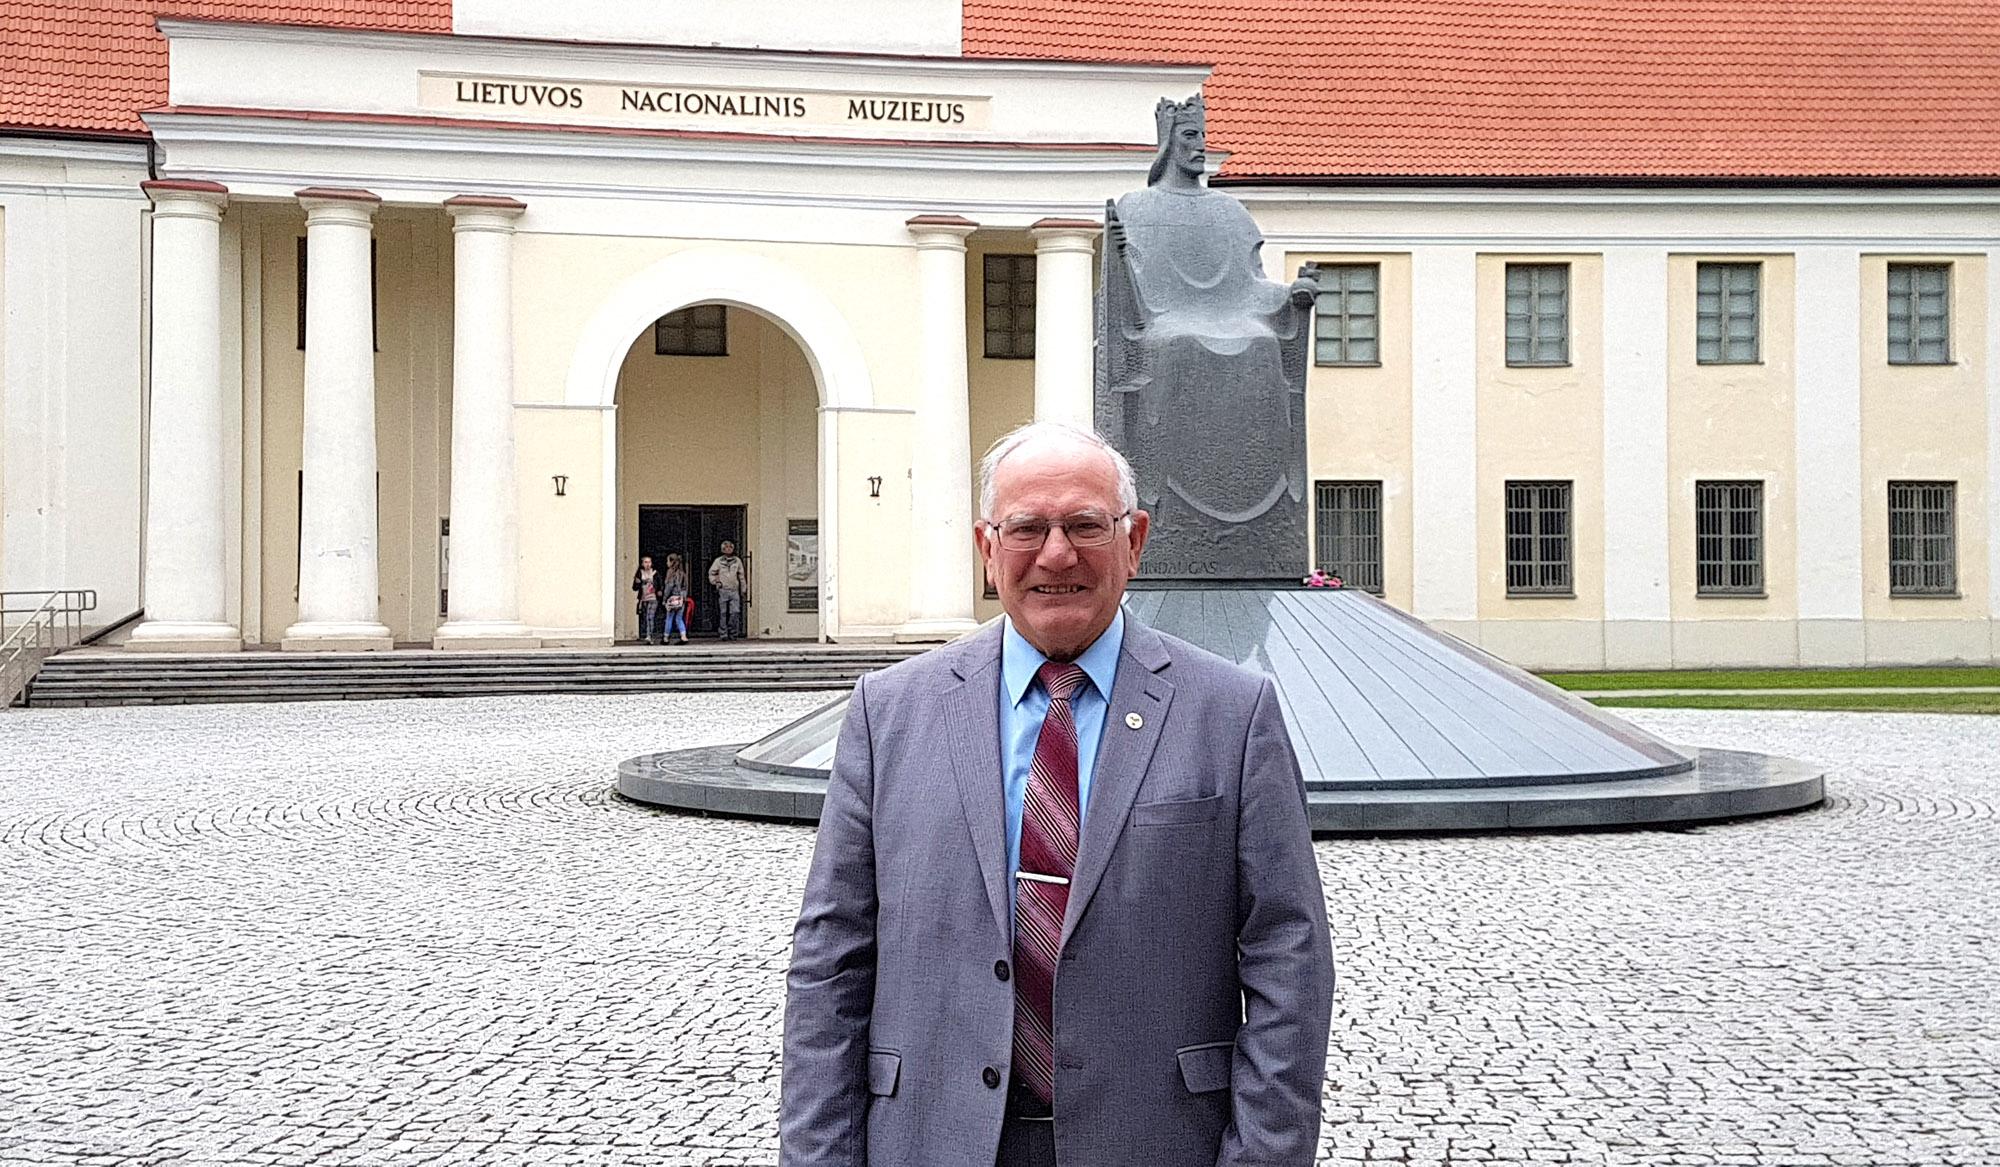 Leonas Milčius | Asmeninė nuotr. Vilniuje 2018 07 04